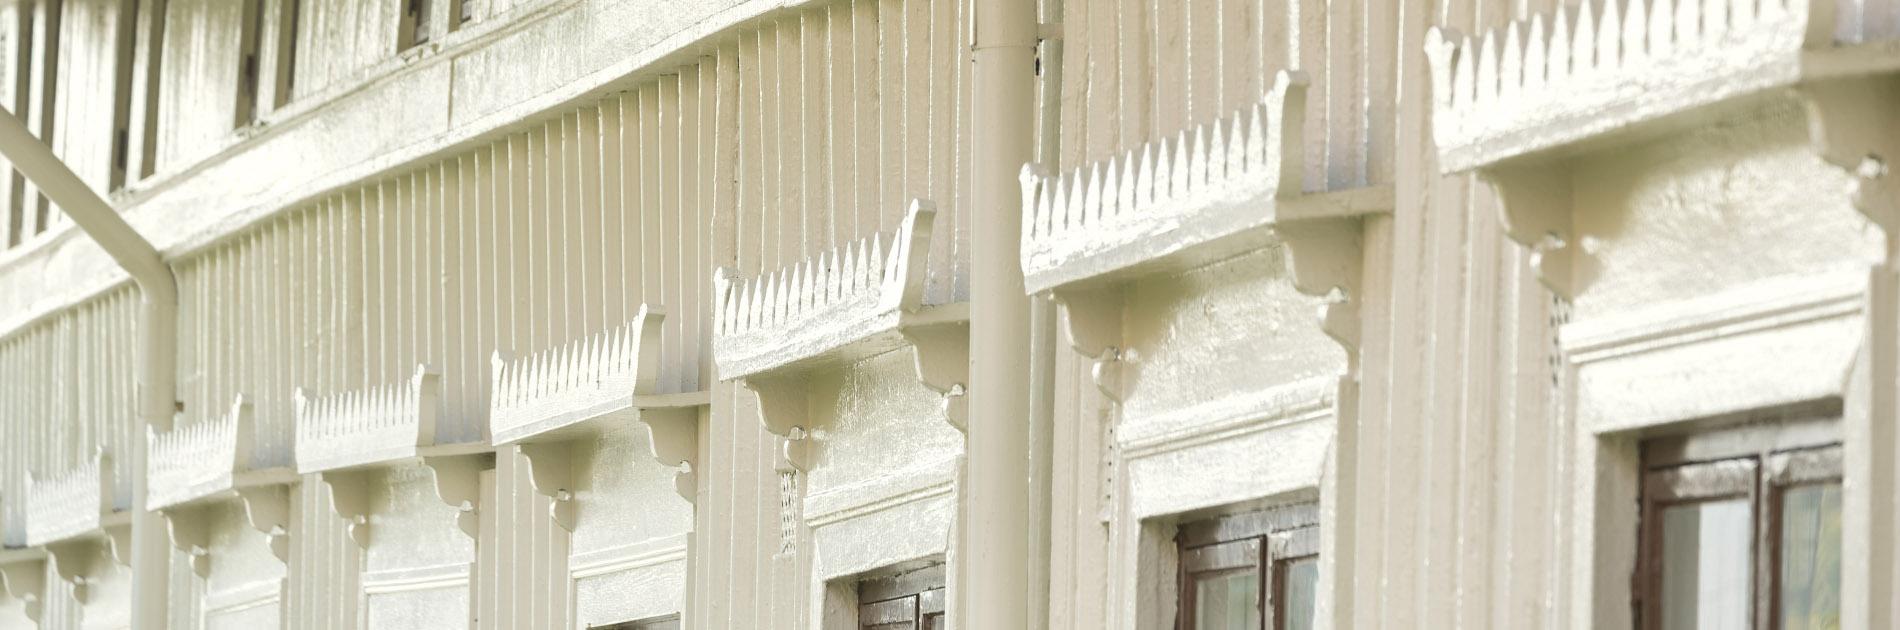 Vit träfasad med dekorationer ovanför fönstren.